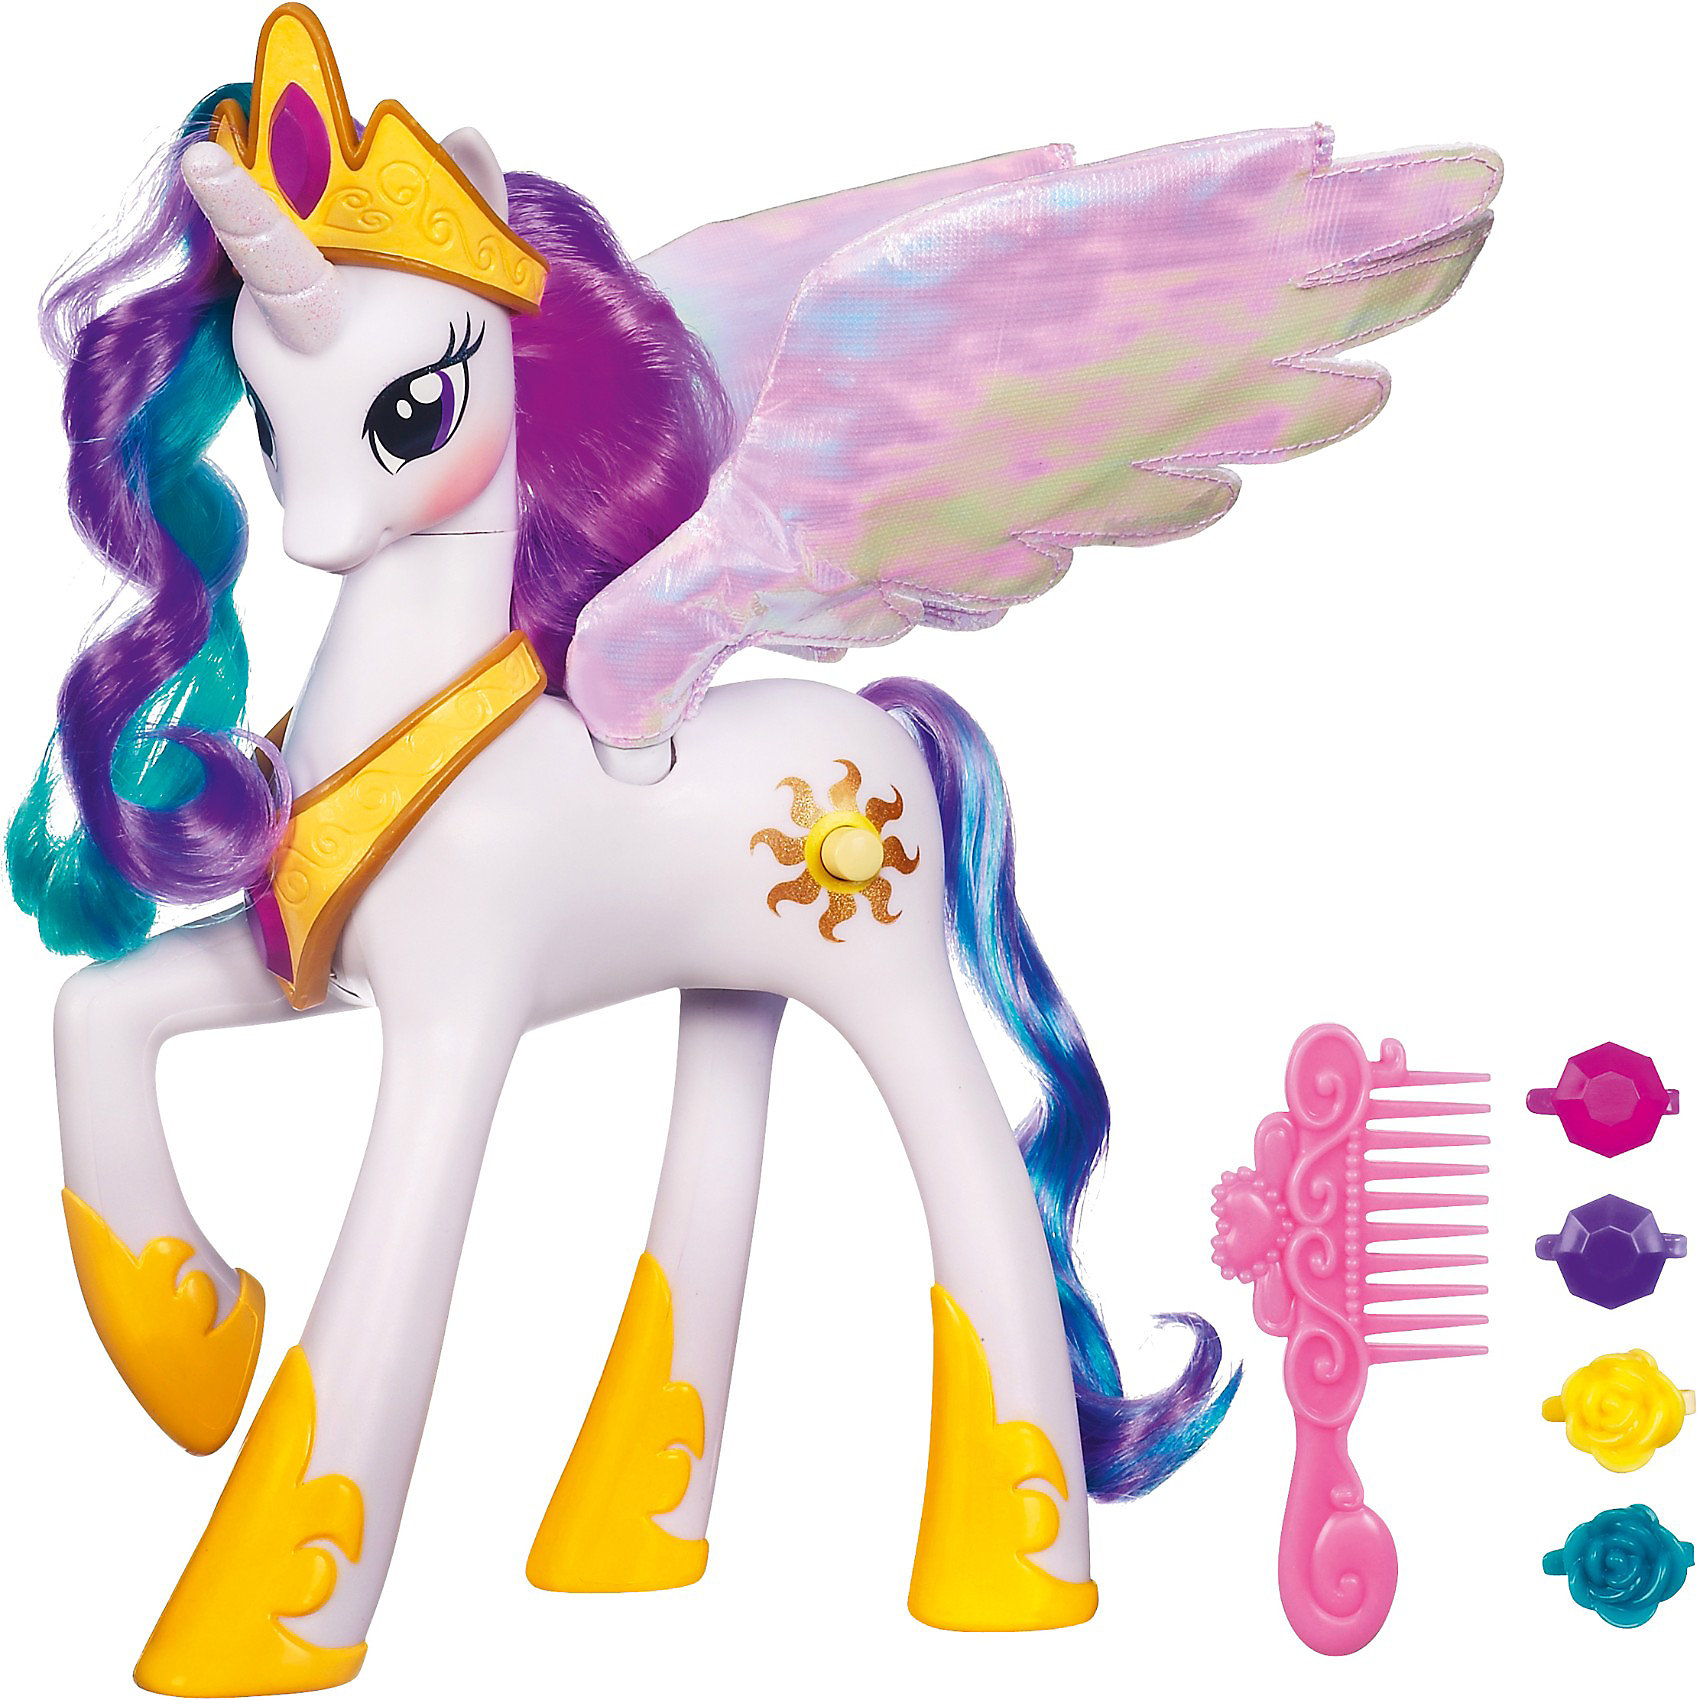 Пони Принцесса Селестия , My little PonyПони Принцесса Селестия, My little Pony (Моя маленькая Пони) порадует всех юных поклонниц волшебных лошадок из популярного мультсериала Дружба -это чудо( My Little Pony: Friendship Is Magic). Принцесса Селестия является одной из правительниц Эквестрии - страны пони, в которой разворачиваются события мультсериала, она пони-аликорн с крыльями и рогом как у единорога. В наборе Вы найдете интерактивную фигурку пони и аксессуары к ней.<br><br>Волшебная пони говорит несколько фраз на английском языке и машет крыльями, которые подсвечиваются во время игры. Чтобы пони ожила, нужно нажать ей на кнопочку на задней ноге. Роскошную фиолетово-розовую гриву лошадки можно расчесывать и украшать красивыми заколками, входящими в комплект.<br><br>Дополнительная информация:<br><br>- В комплекте: пони, расческа, 4 заколки. <br>- Материал: пластмасса, текстиль. <br>- Требуются батарейки: 2 х ААА (входят в комплект). <br>- Размер упаковки: 8,3 х 28,9 х 25,7 см.<br>- Вес: 0,52 кг.<br><br>Игрушку Пони Принцесса Селестия, My little Pony (Май Литл Пони) можно купить в нашем интернет-магазине.<br><br>Ширина мм: 293<br>Глубина мм: 261<br>Высота мм: 86<br>Вес г: 486<br>Возраст от месяцев: 48<br>Возраст до месяцев: 72<br>Пол: Женский<br>Возраст: Детский<br>SKU: 3710034